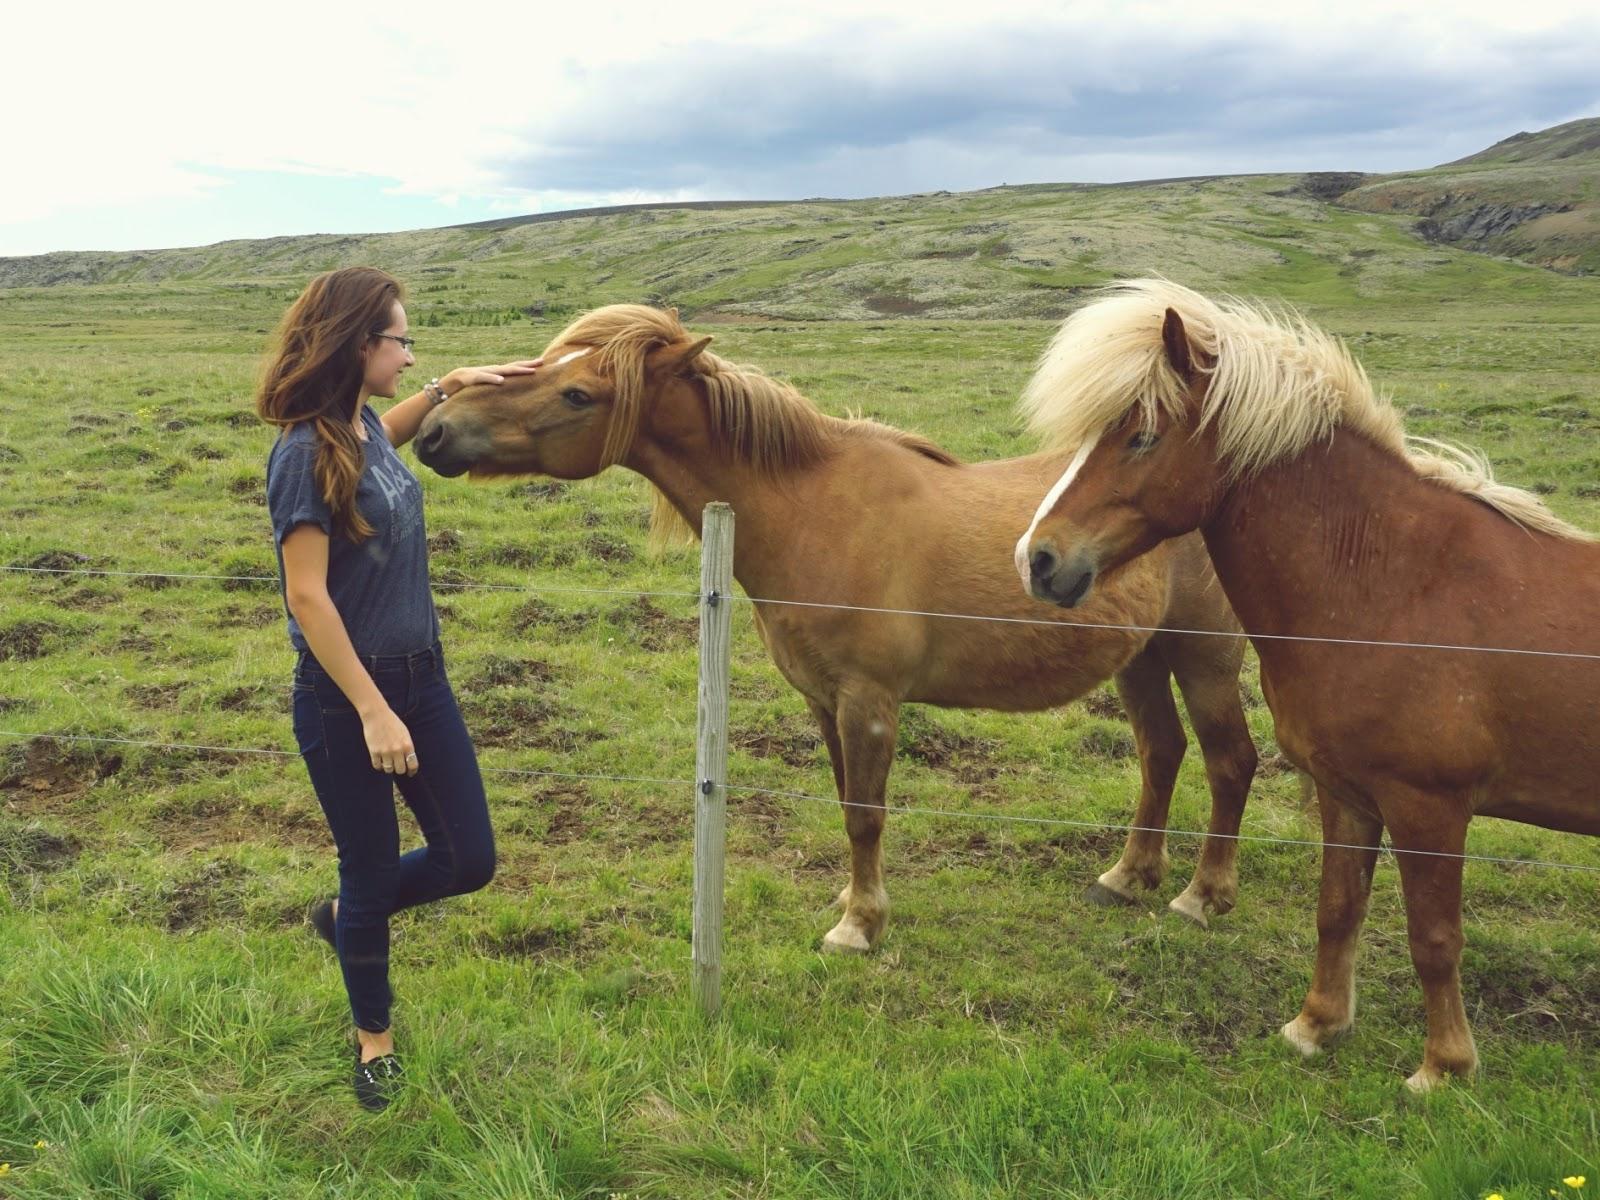 konie, islandzkie konie, Islandia, islandzkie wakacje